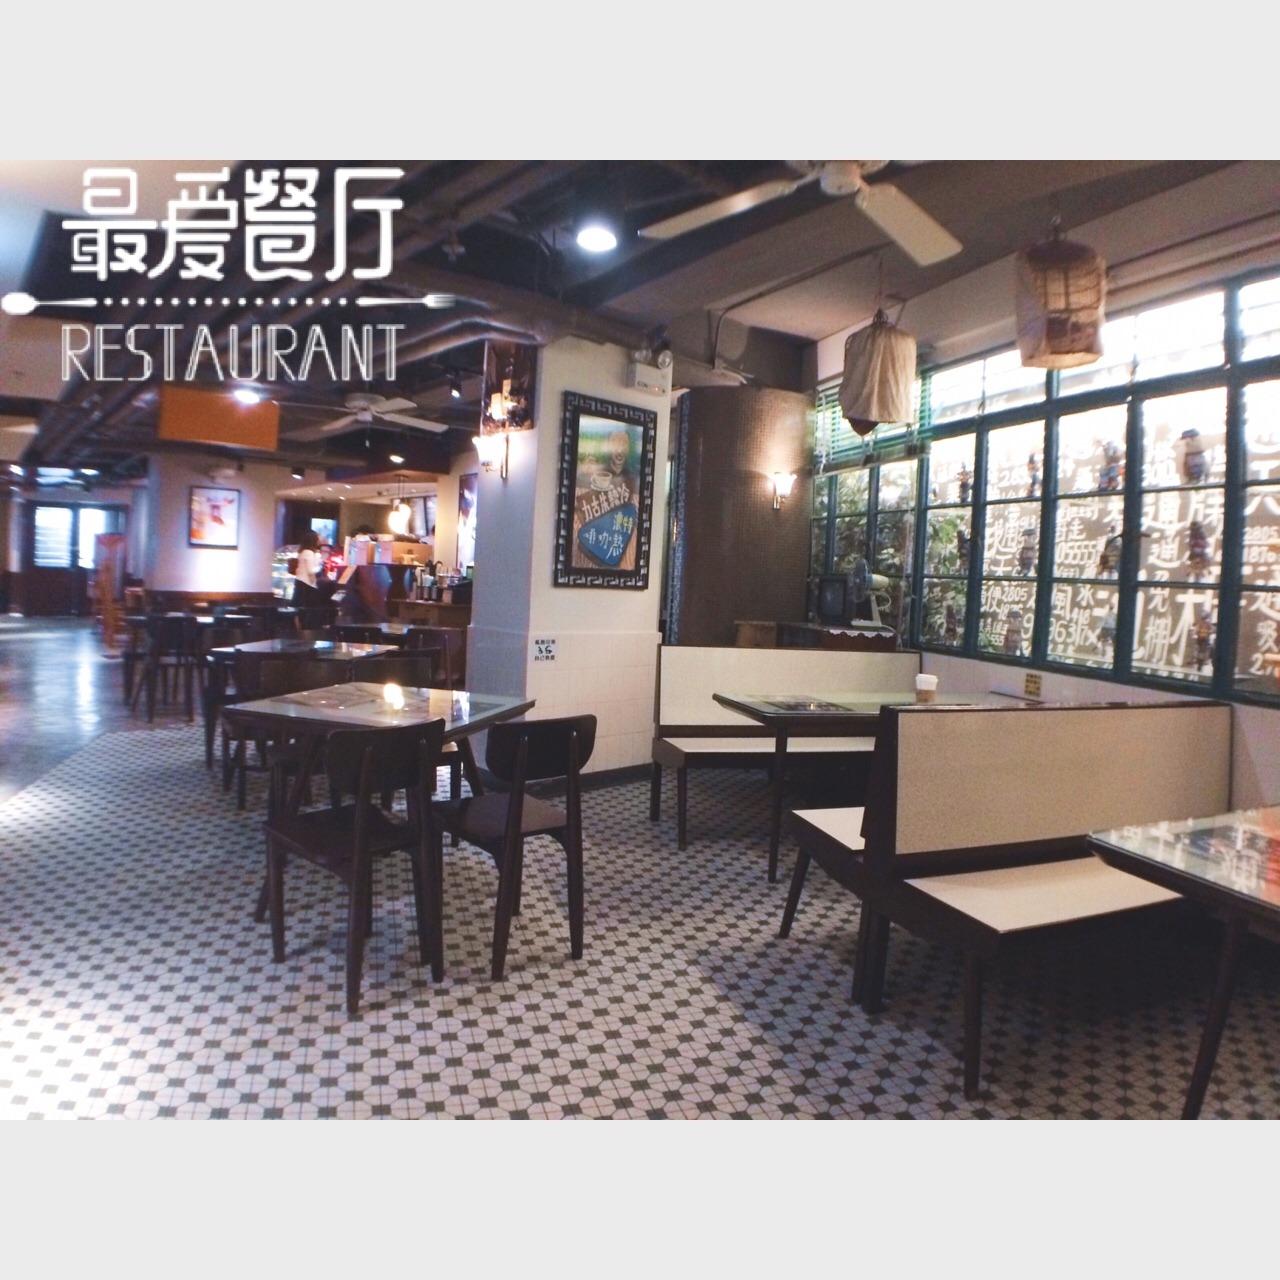 咖啡,香港中环,文艺,咖啡厅